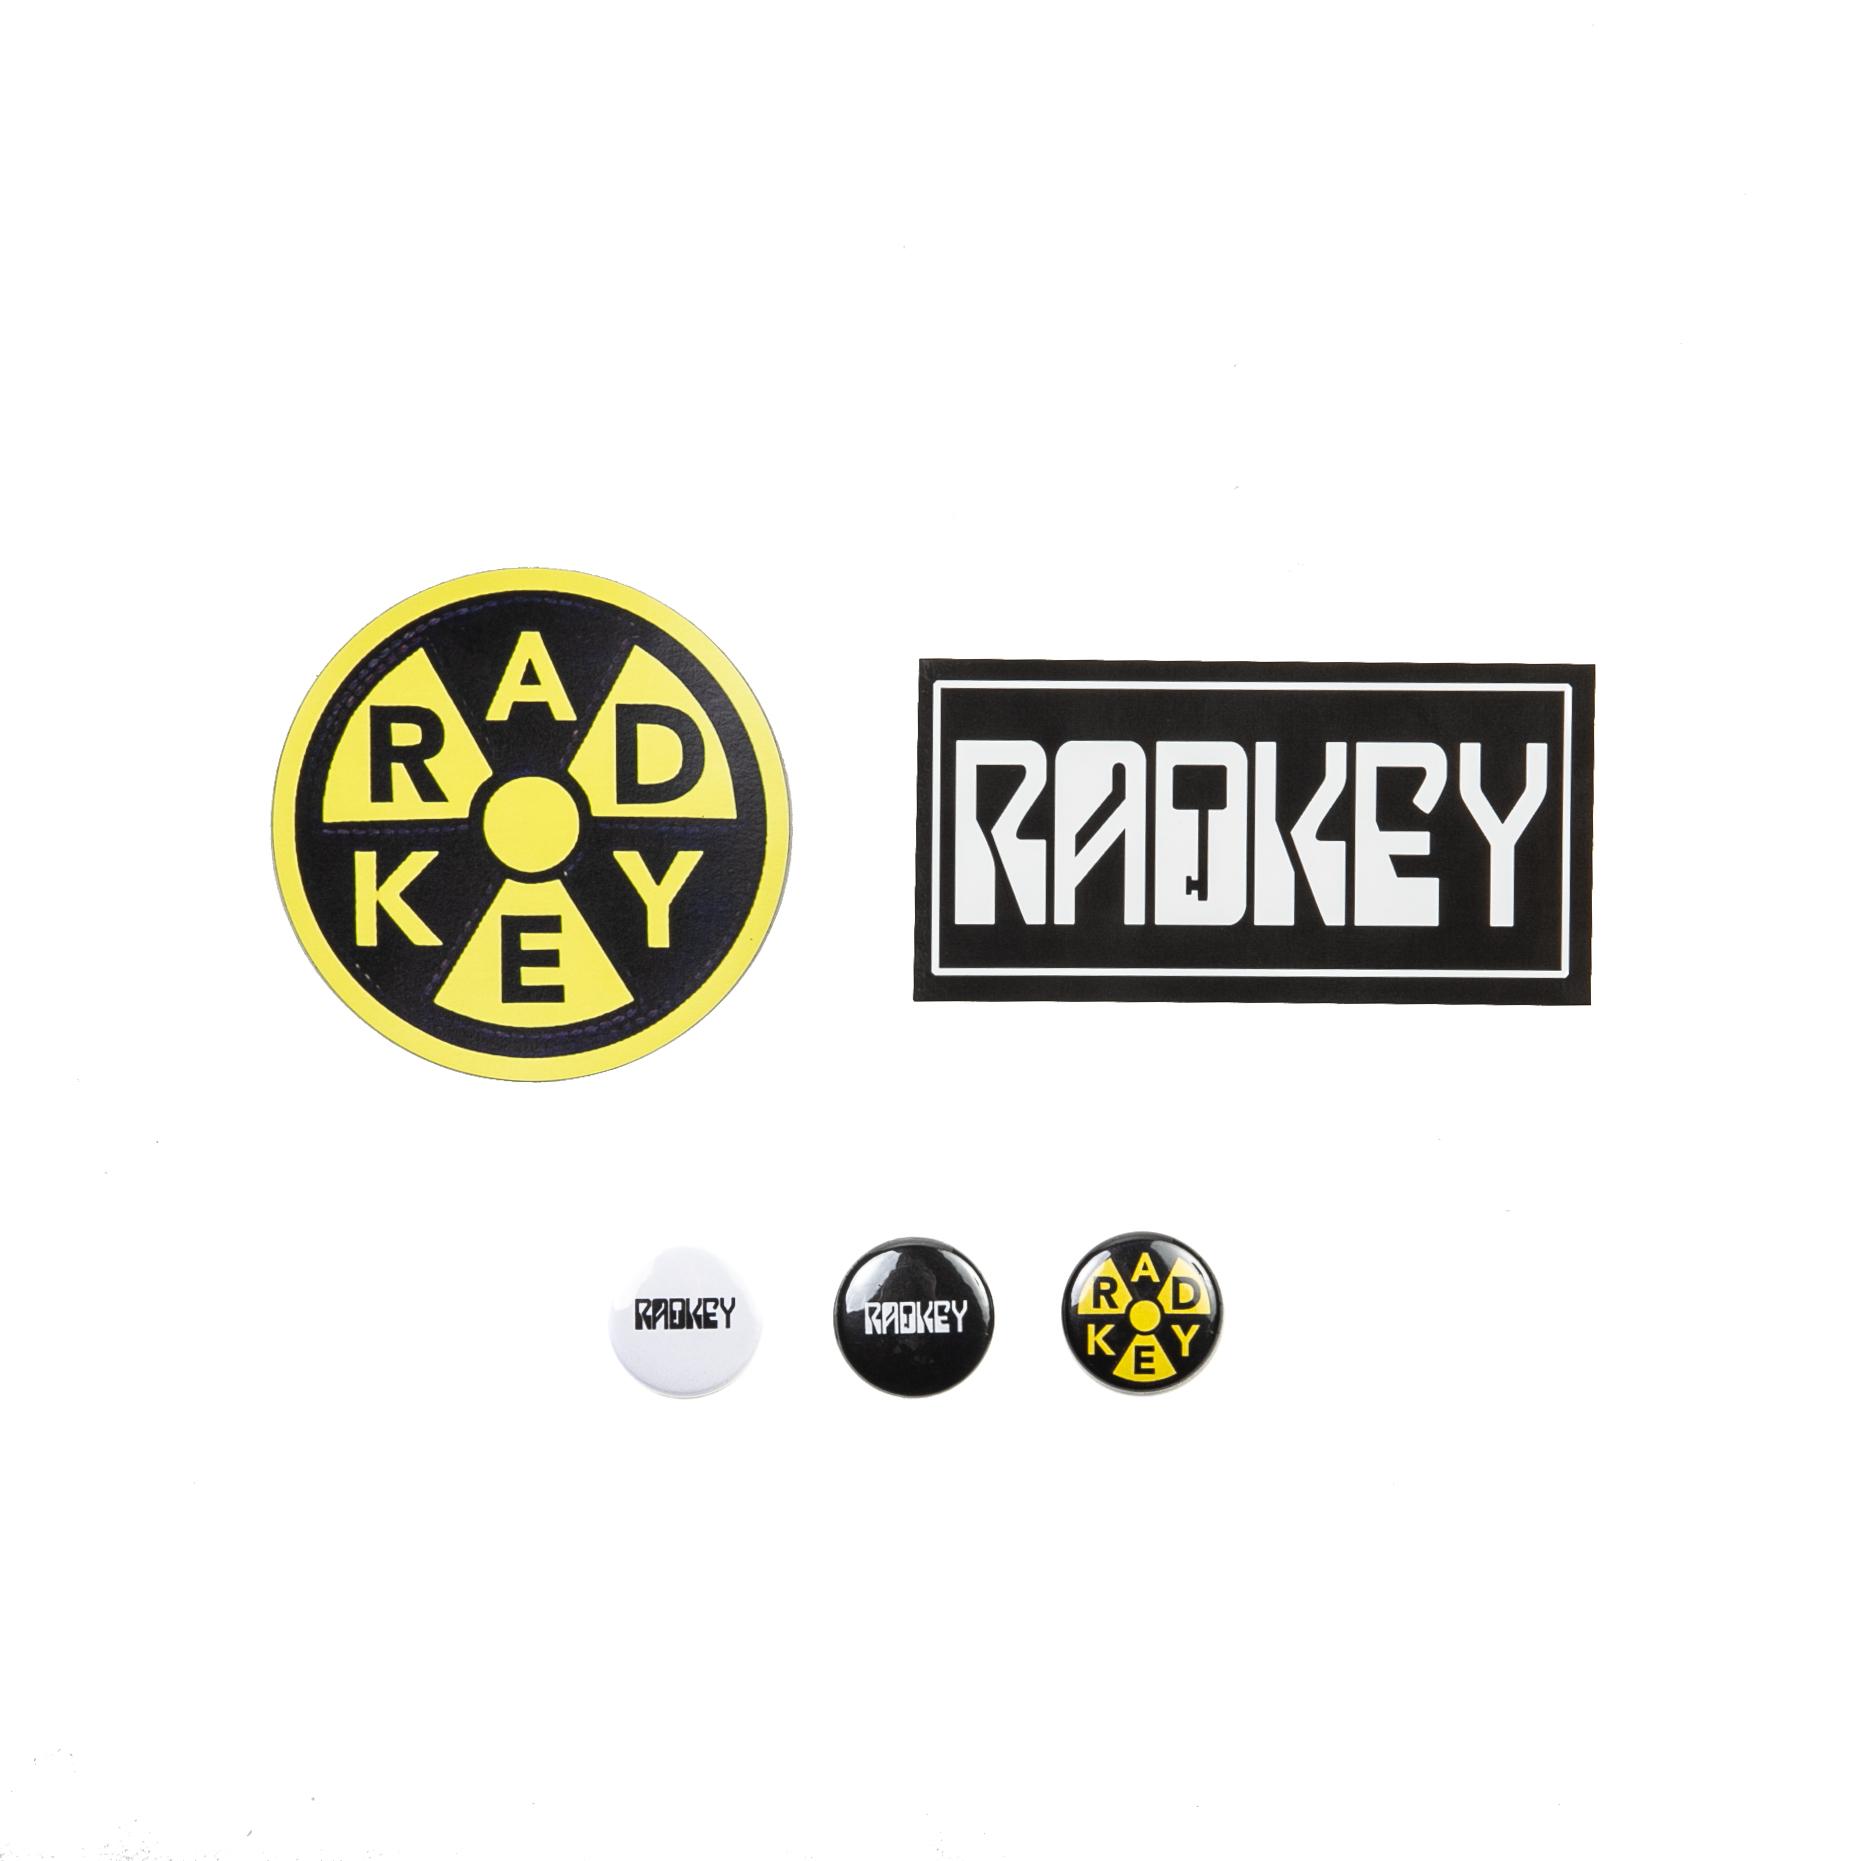 Radkey Starter Pack - Radkey